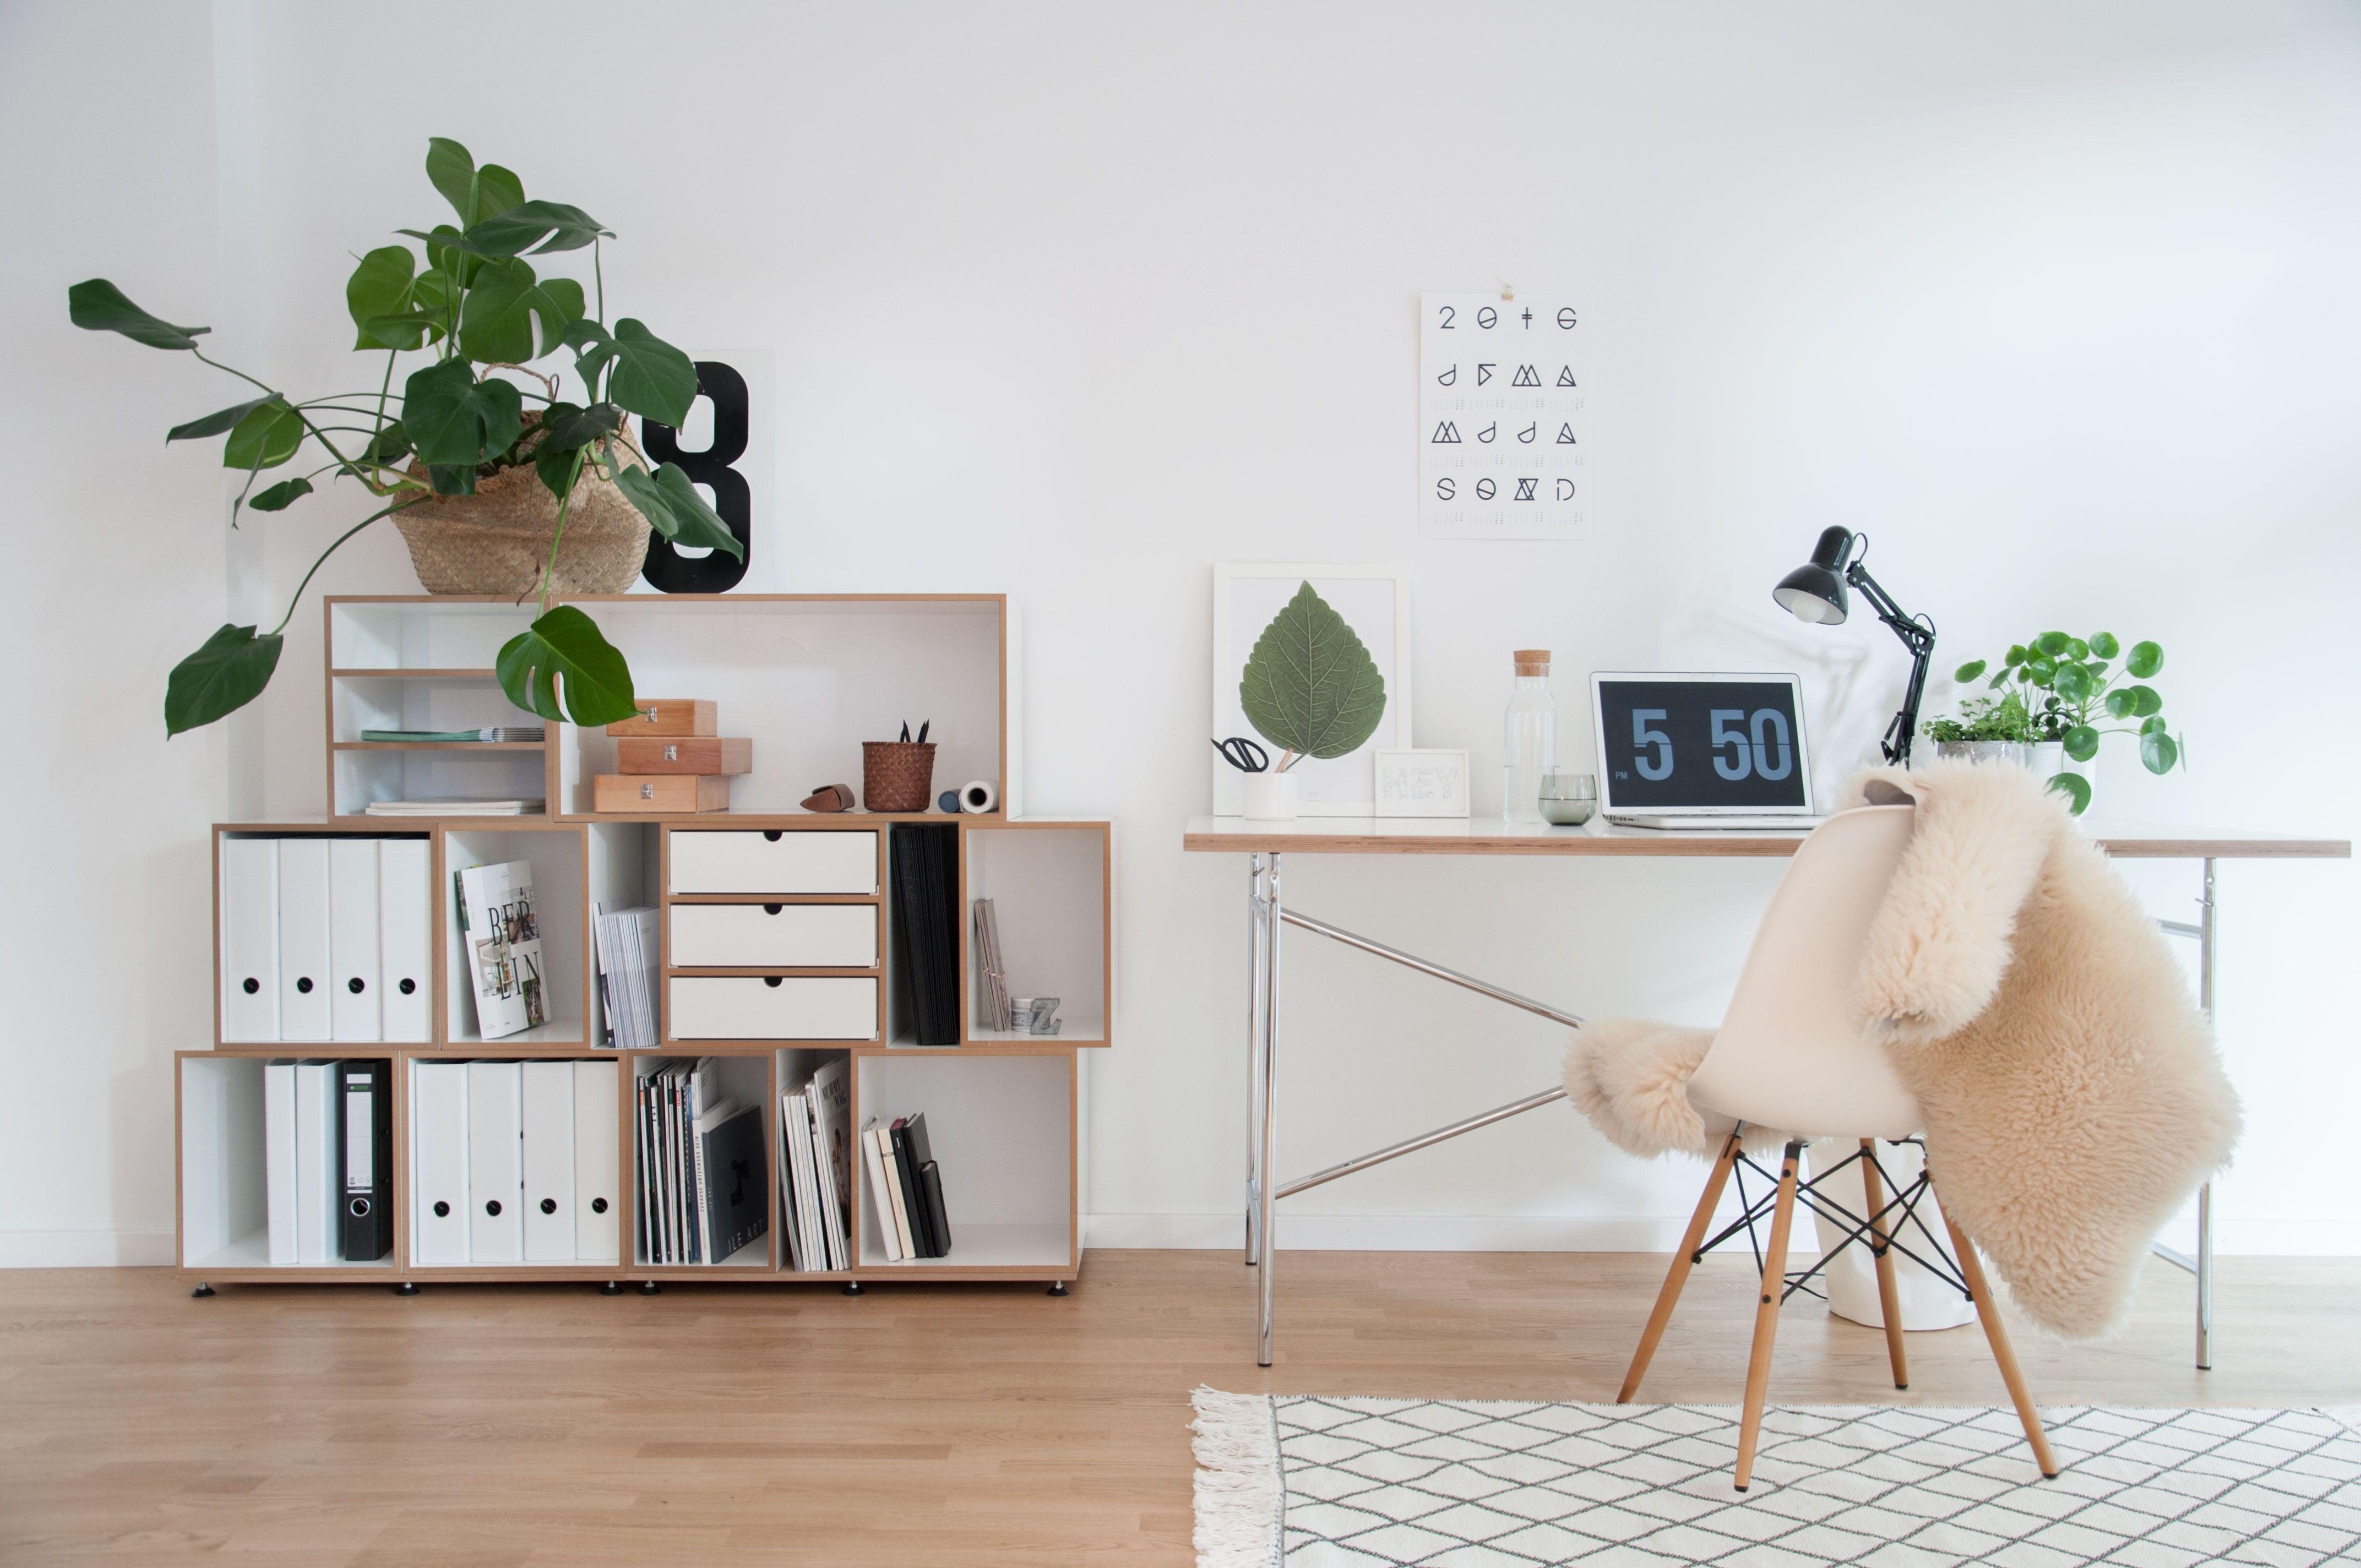 Büro im Wohnzimmer einrichten | Wohnzimmer einrichten ...